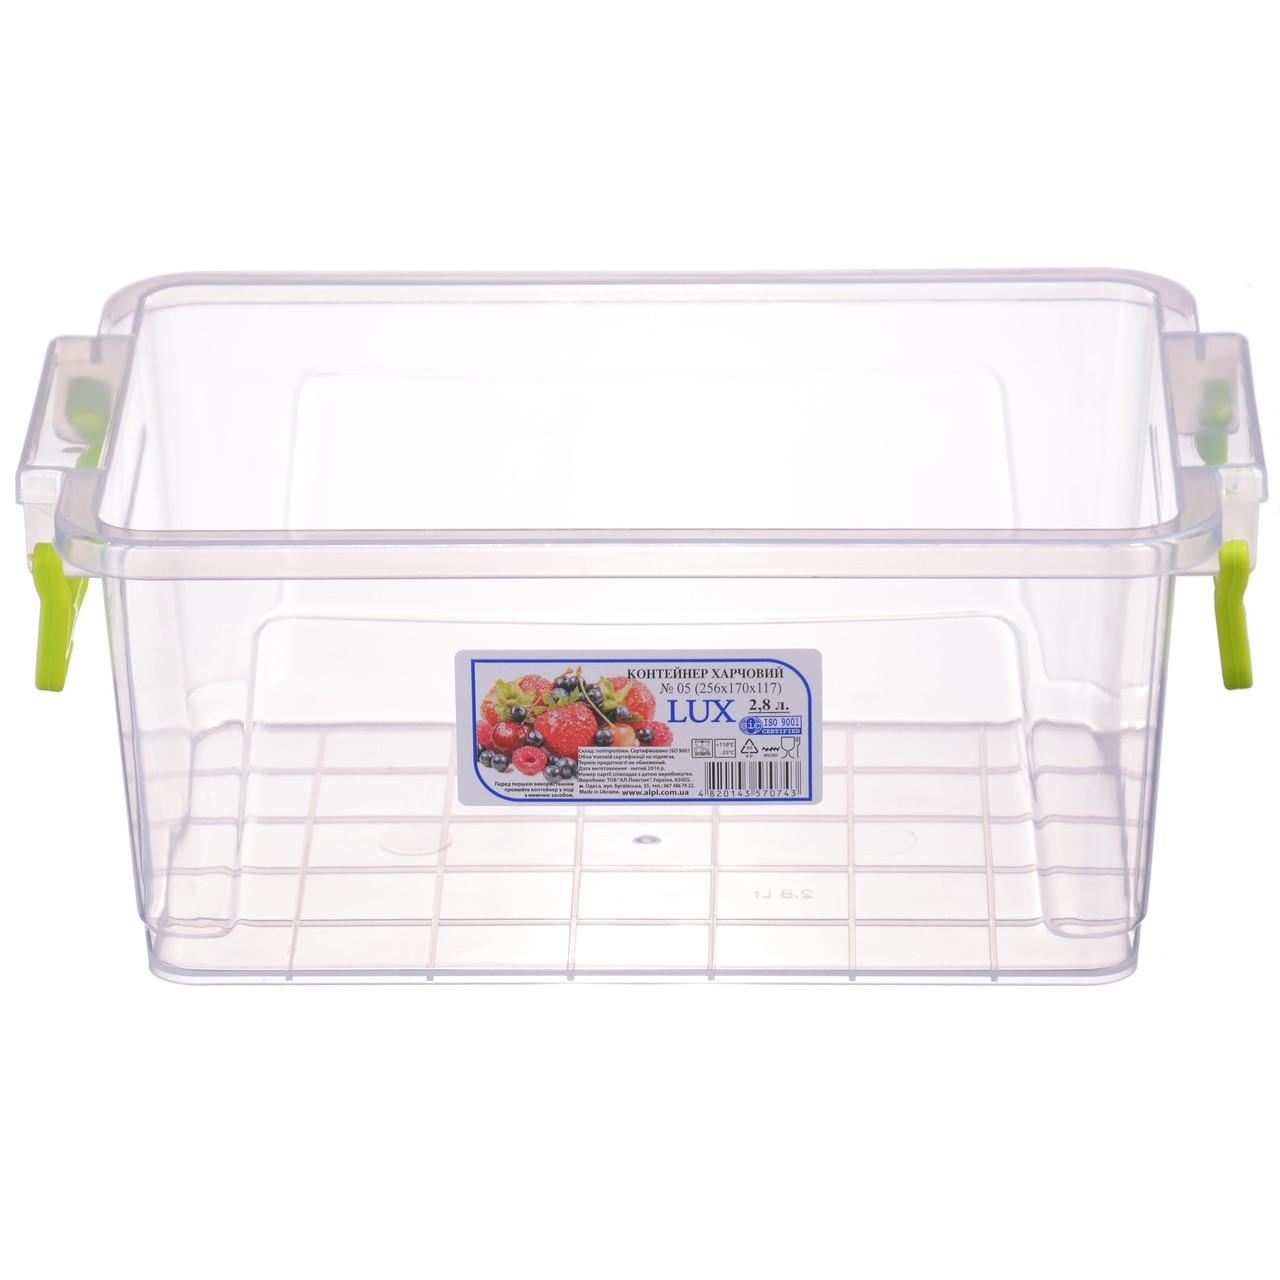 Контейнер для еды Ал-пластик  LUX №5 объём 2.8 л  с ручками